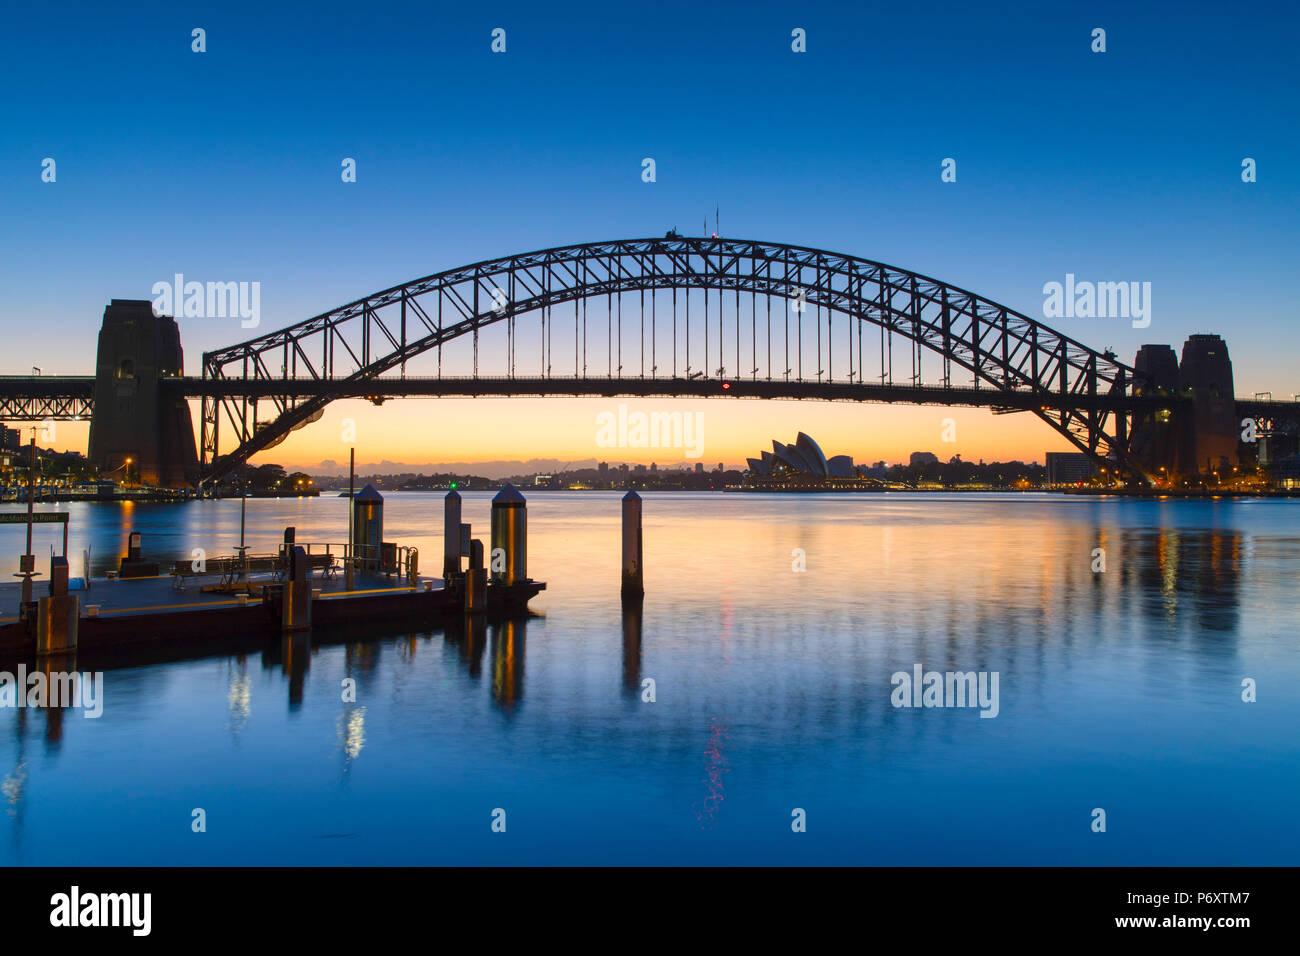 Il Sydney Harbour Bridge all'alba, Sydney, Nuovo Galles del Sud, Australia Immagini Stock